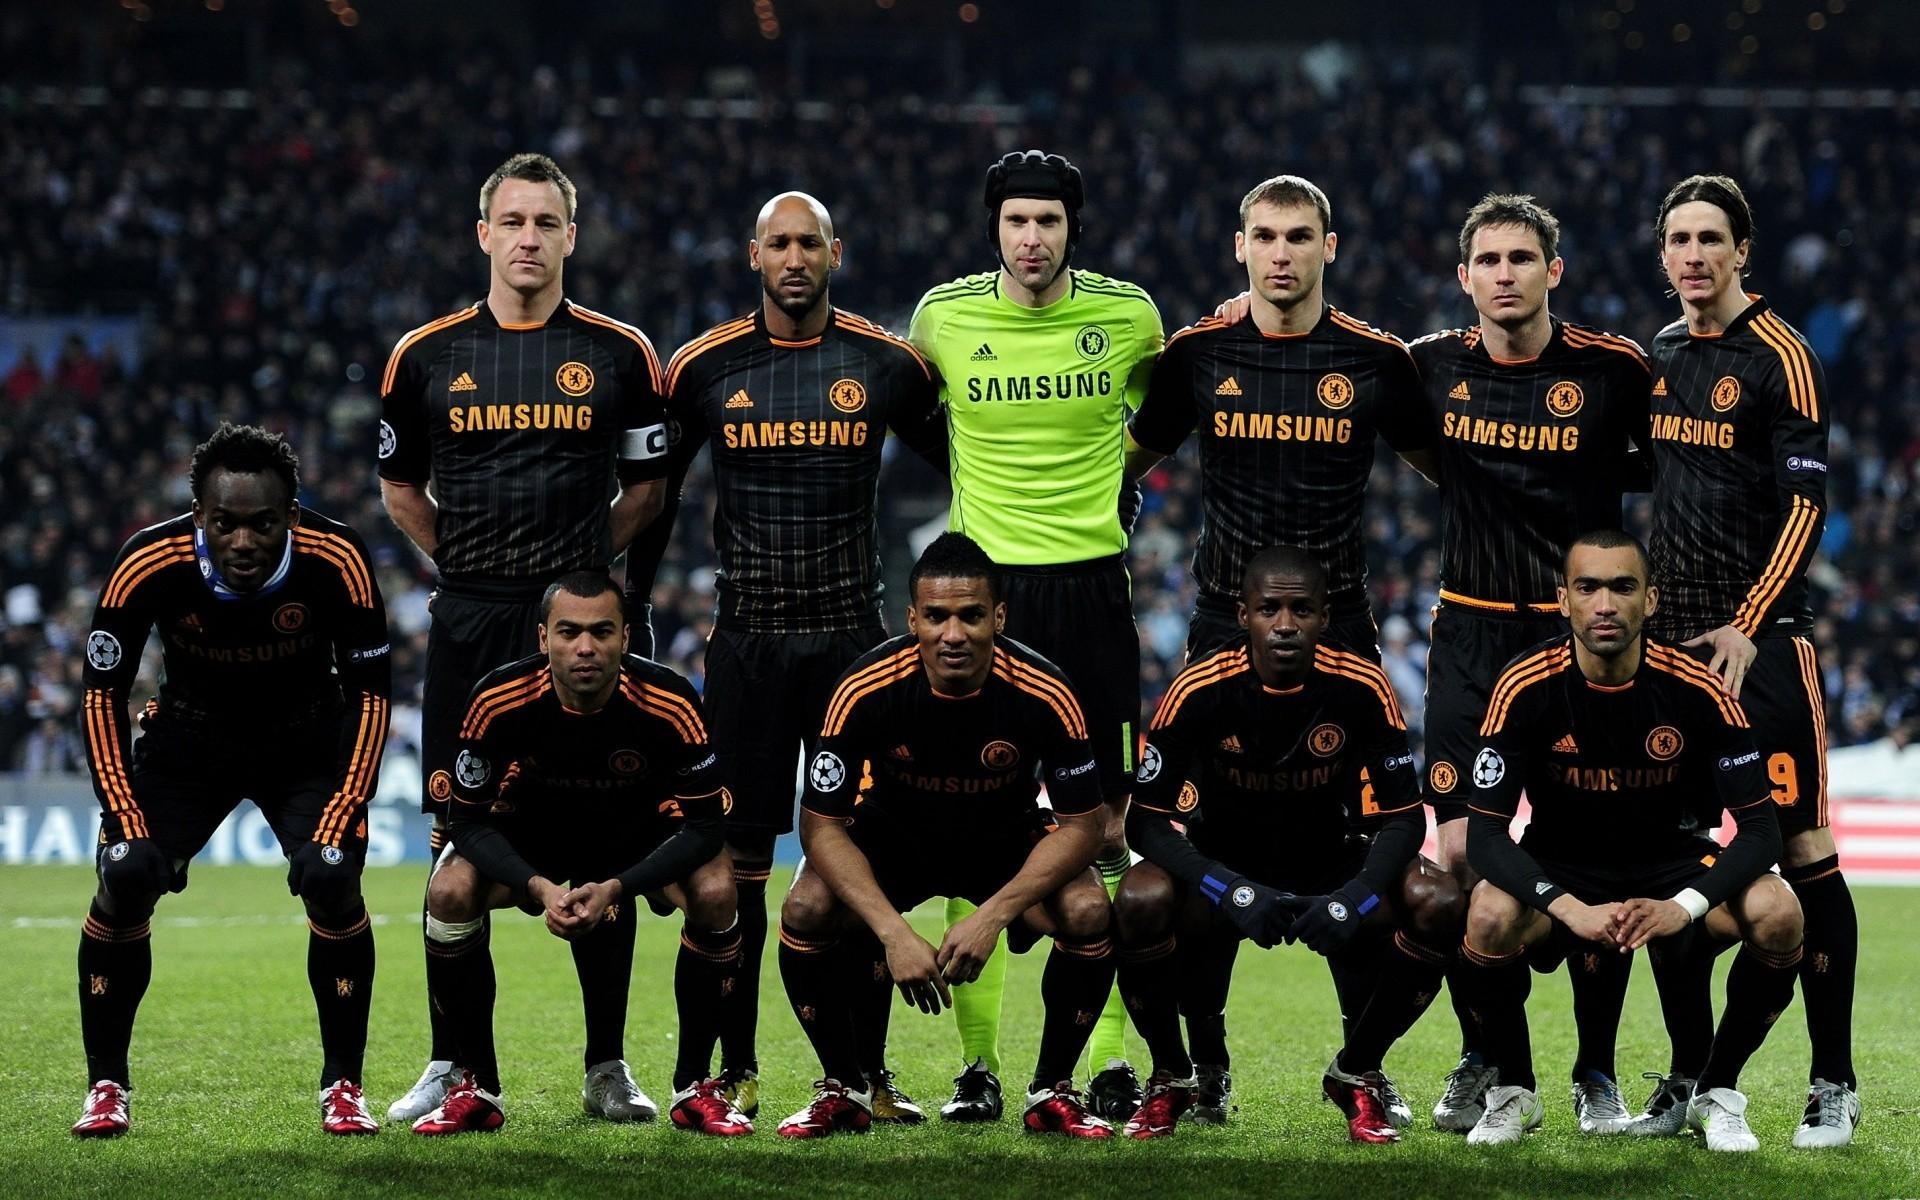 футбольной команды фото